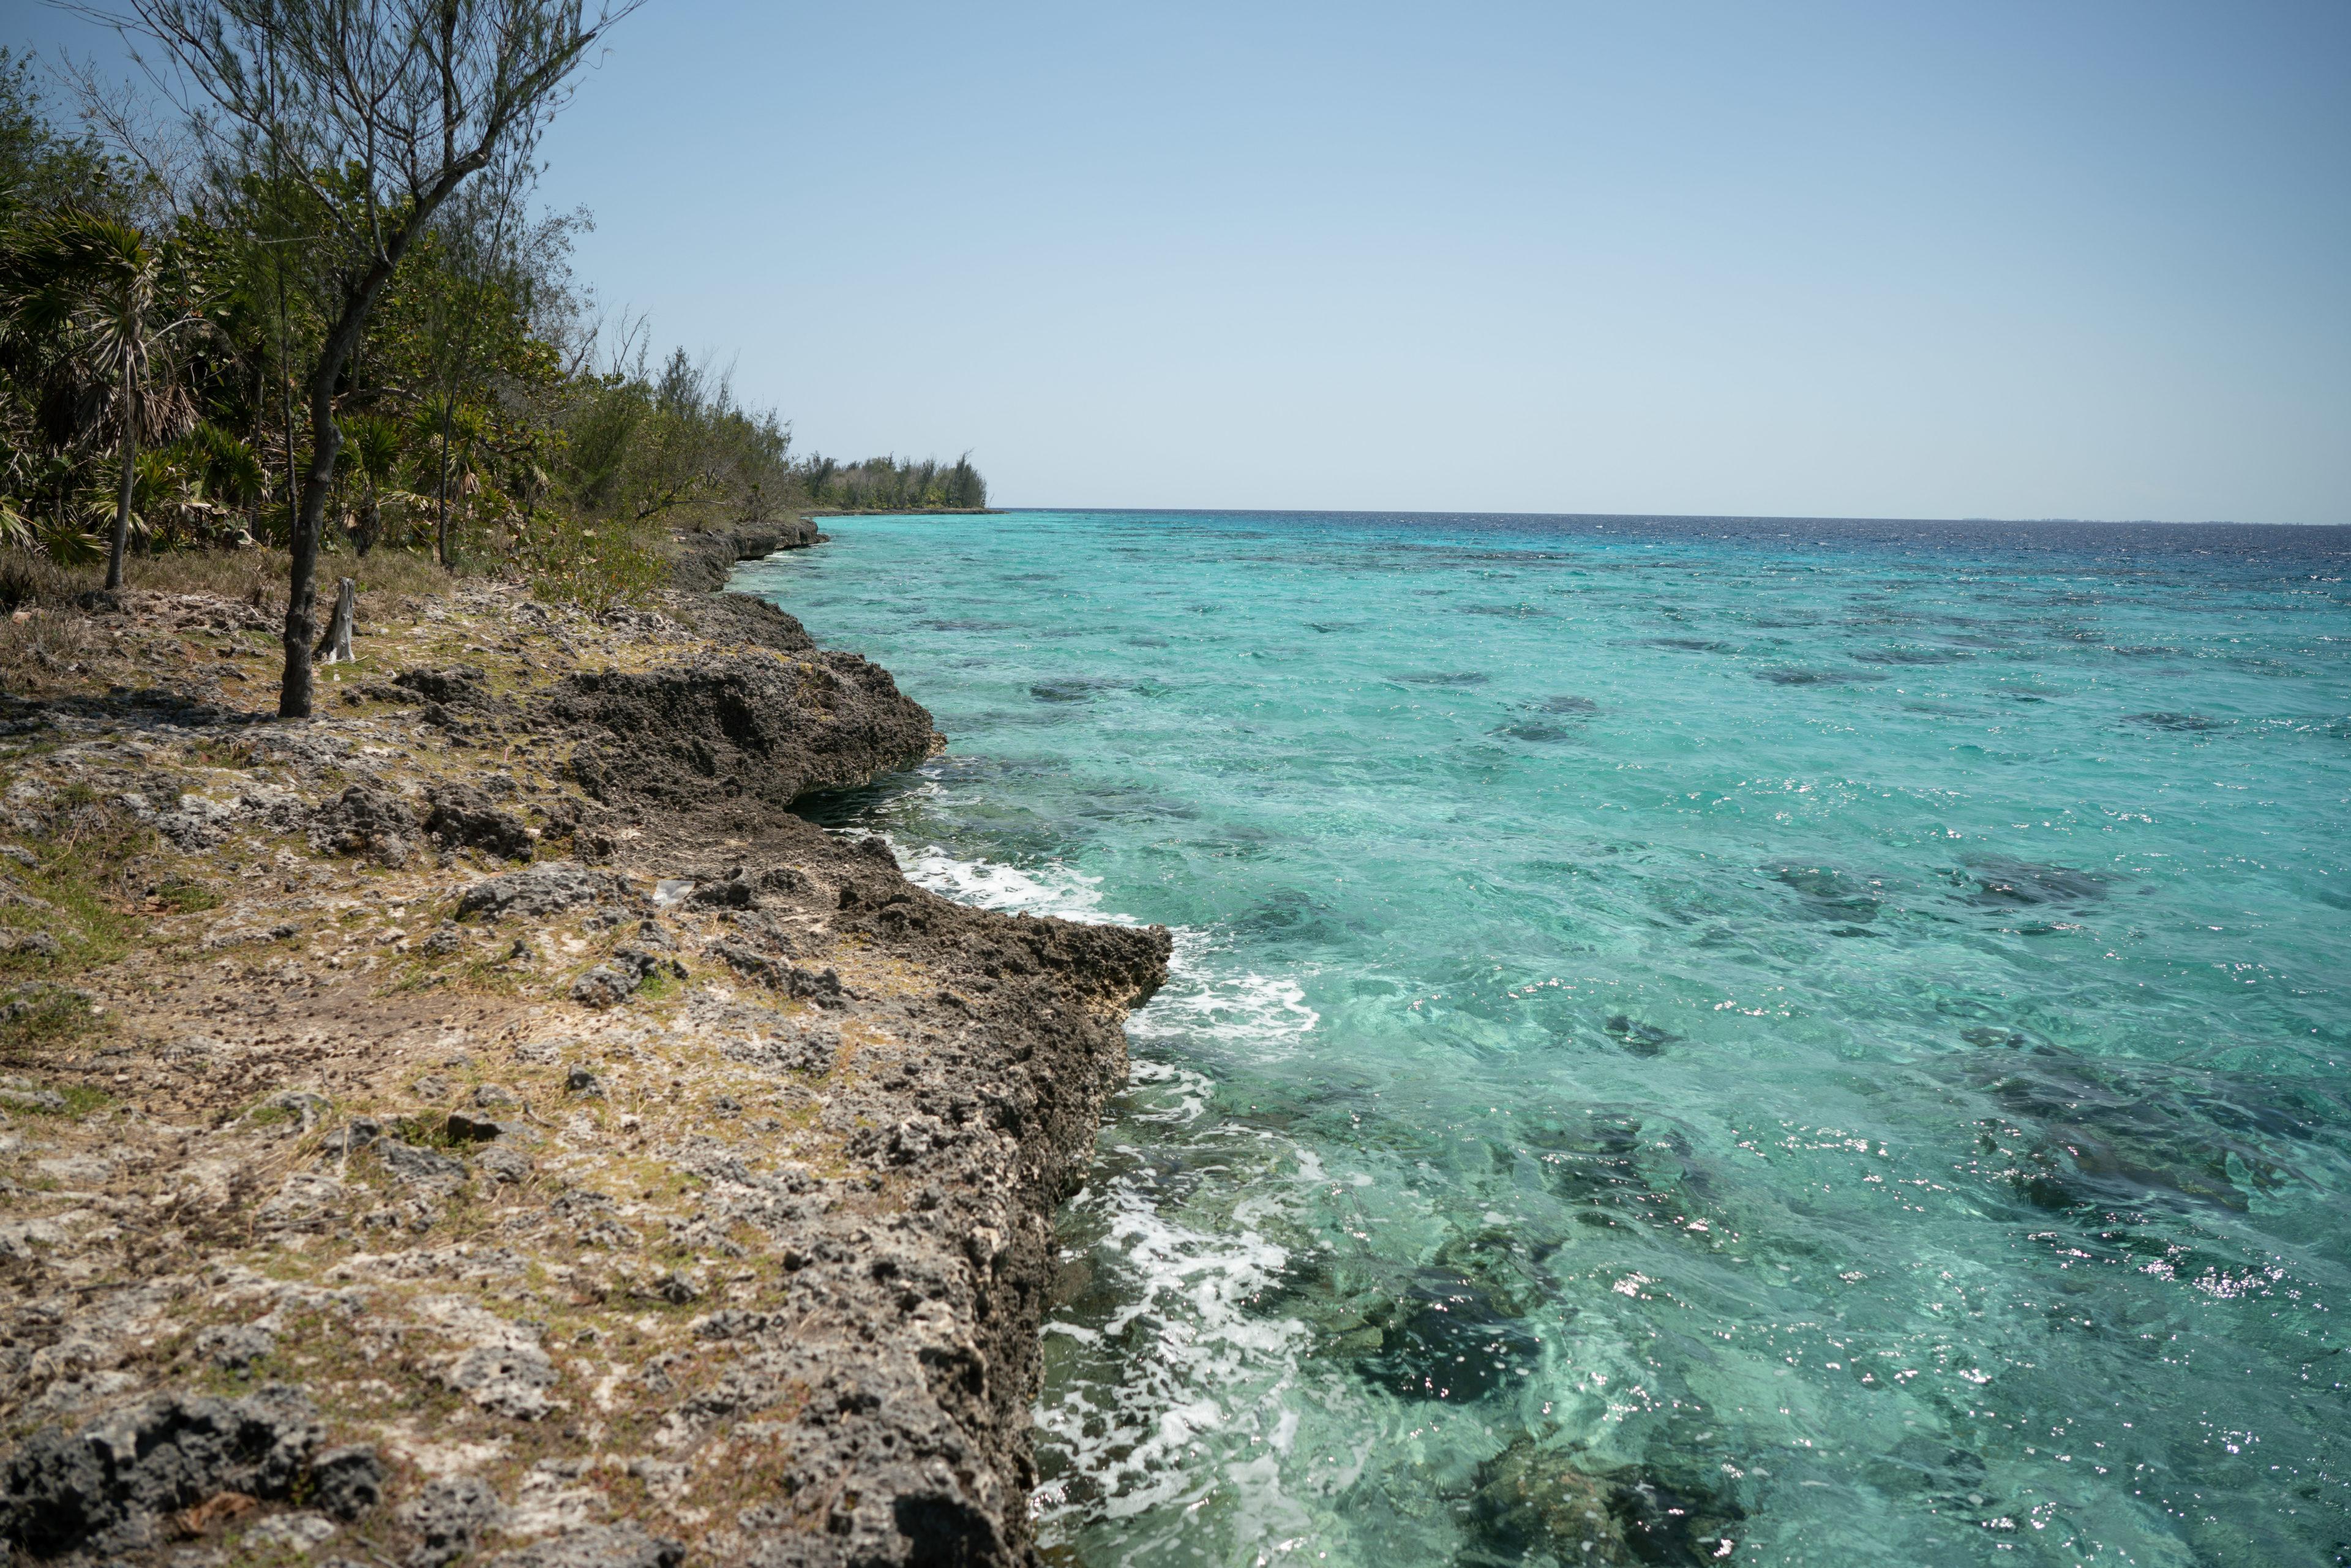 Türkisfarbenes Meer in der Karibik